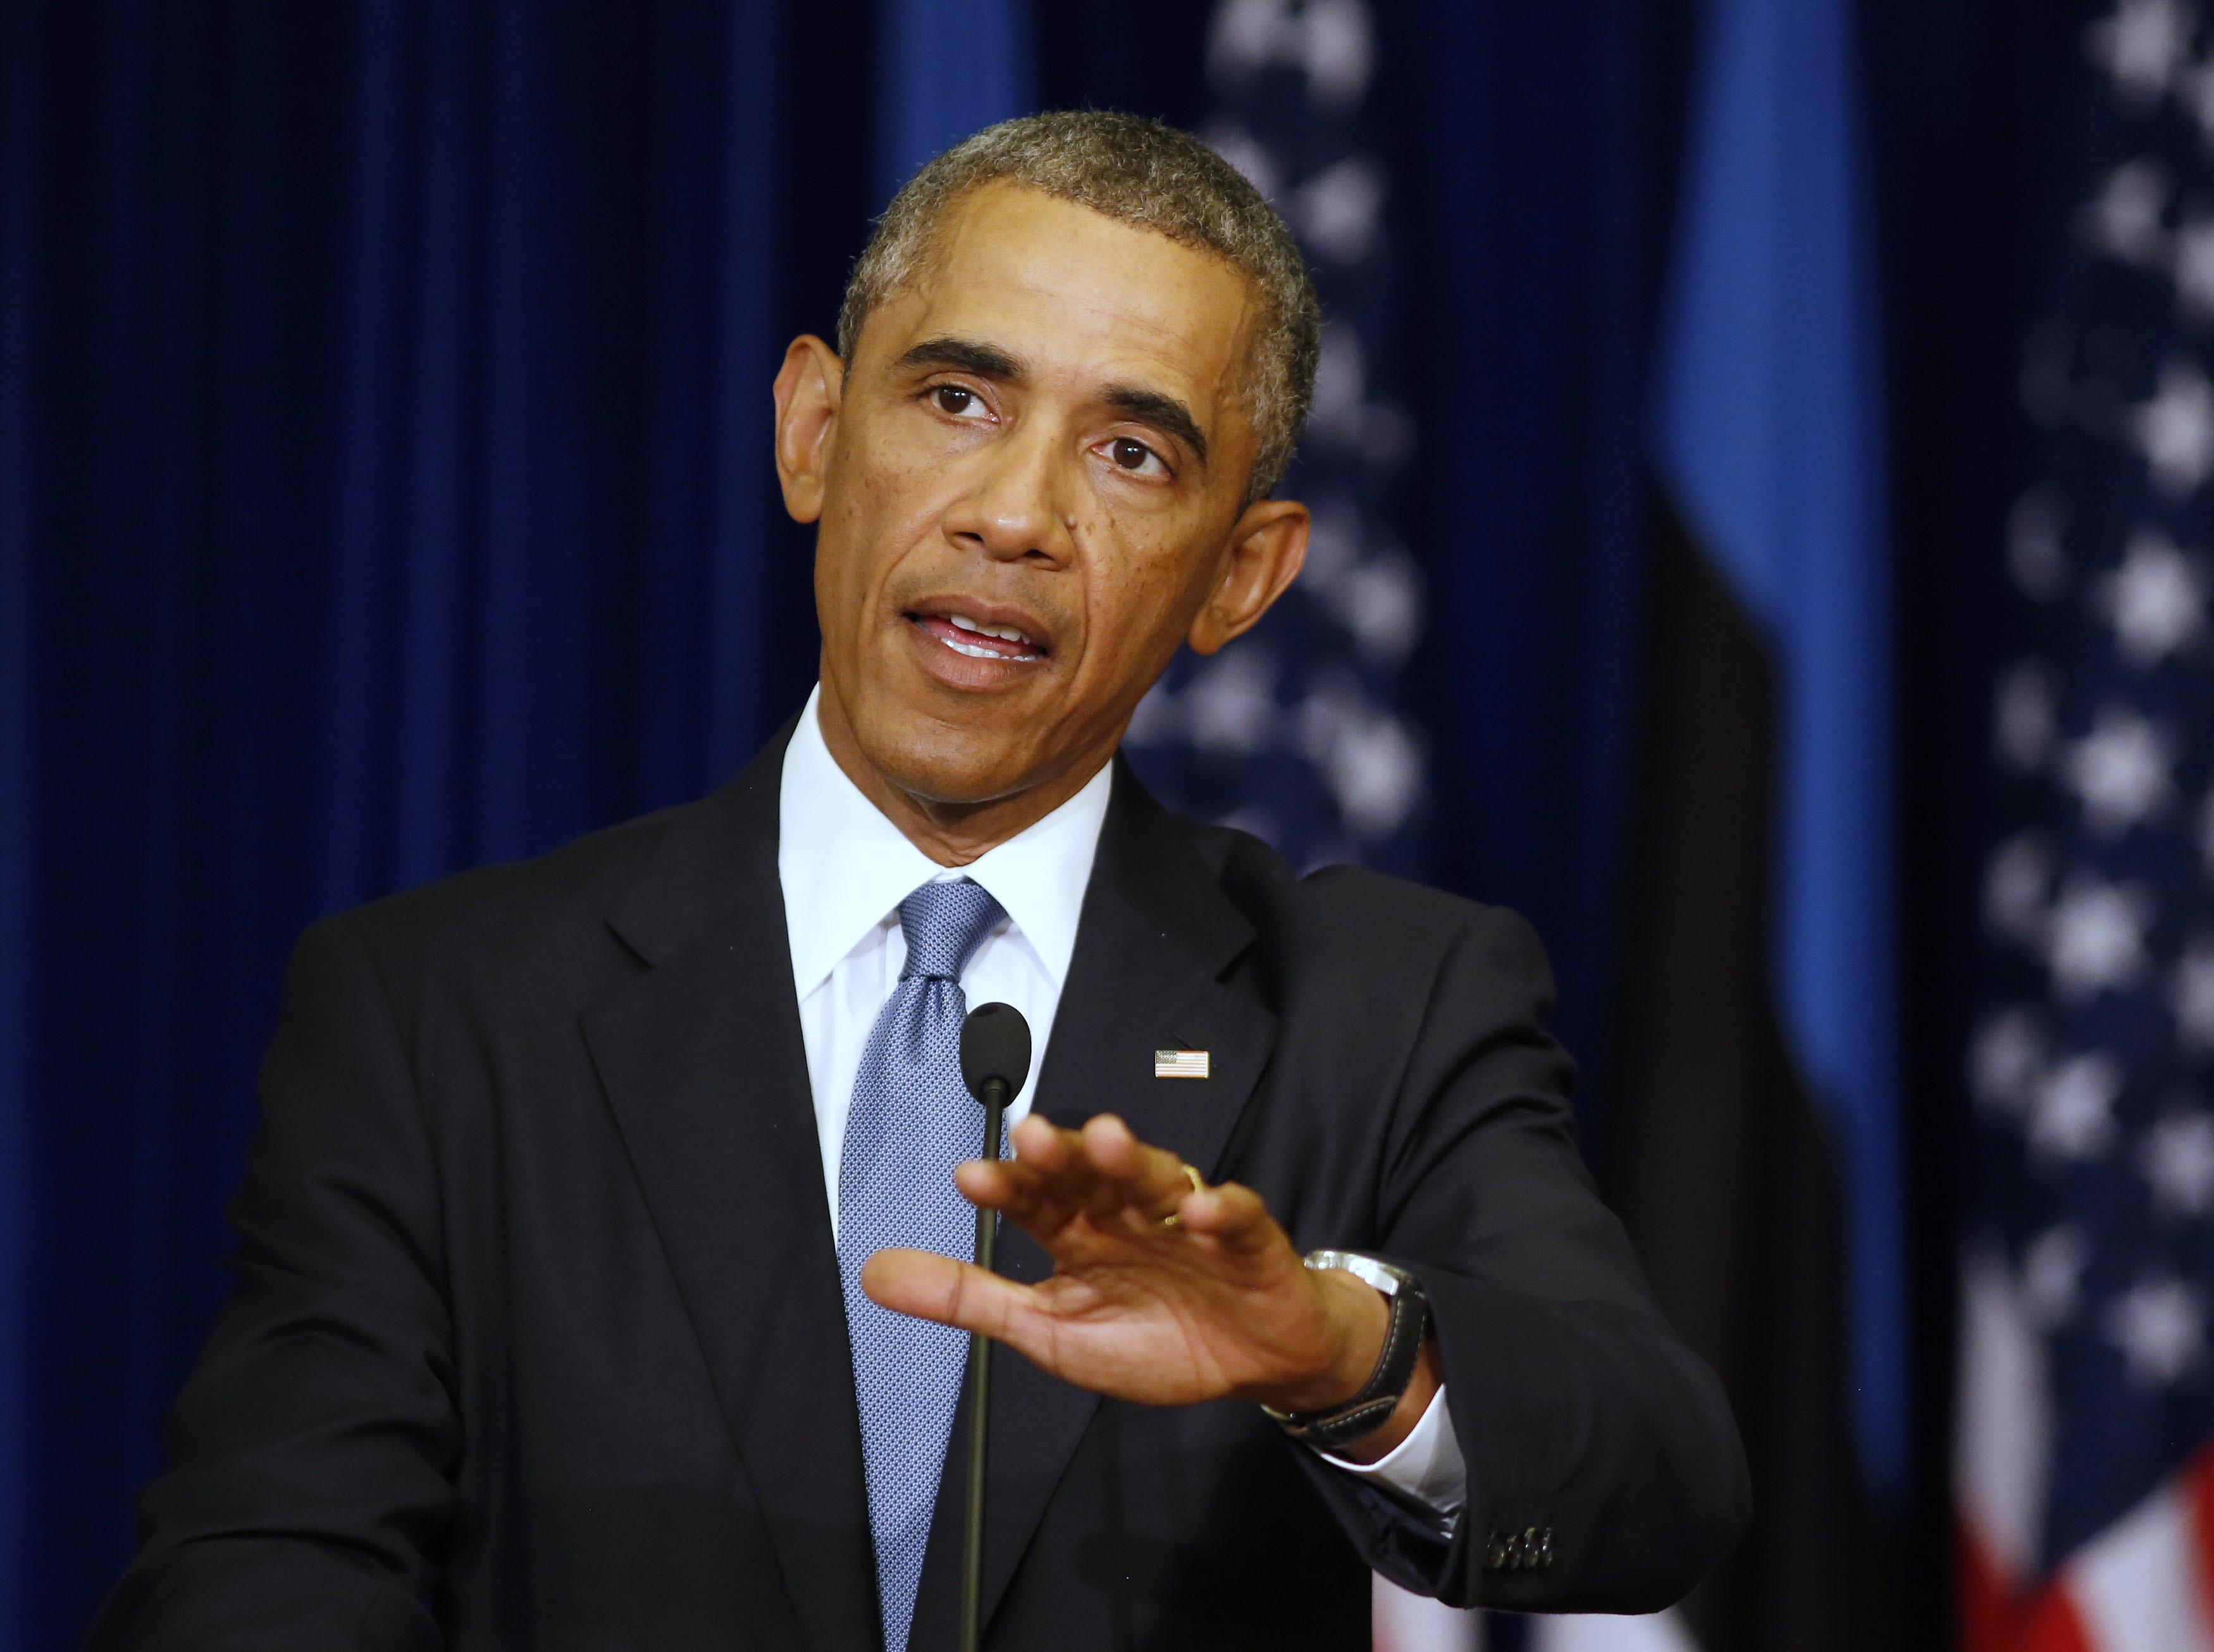 Президент Америки сделал заявление, в котором назвал РФ «конструктивным партнером».